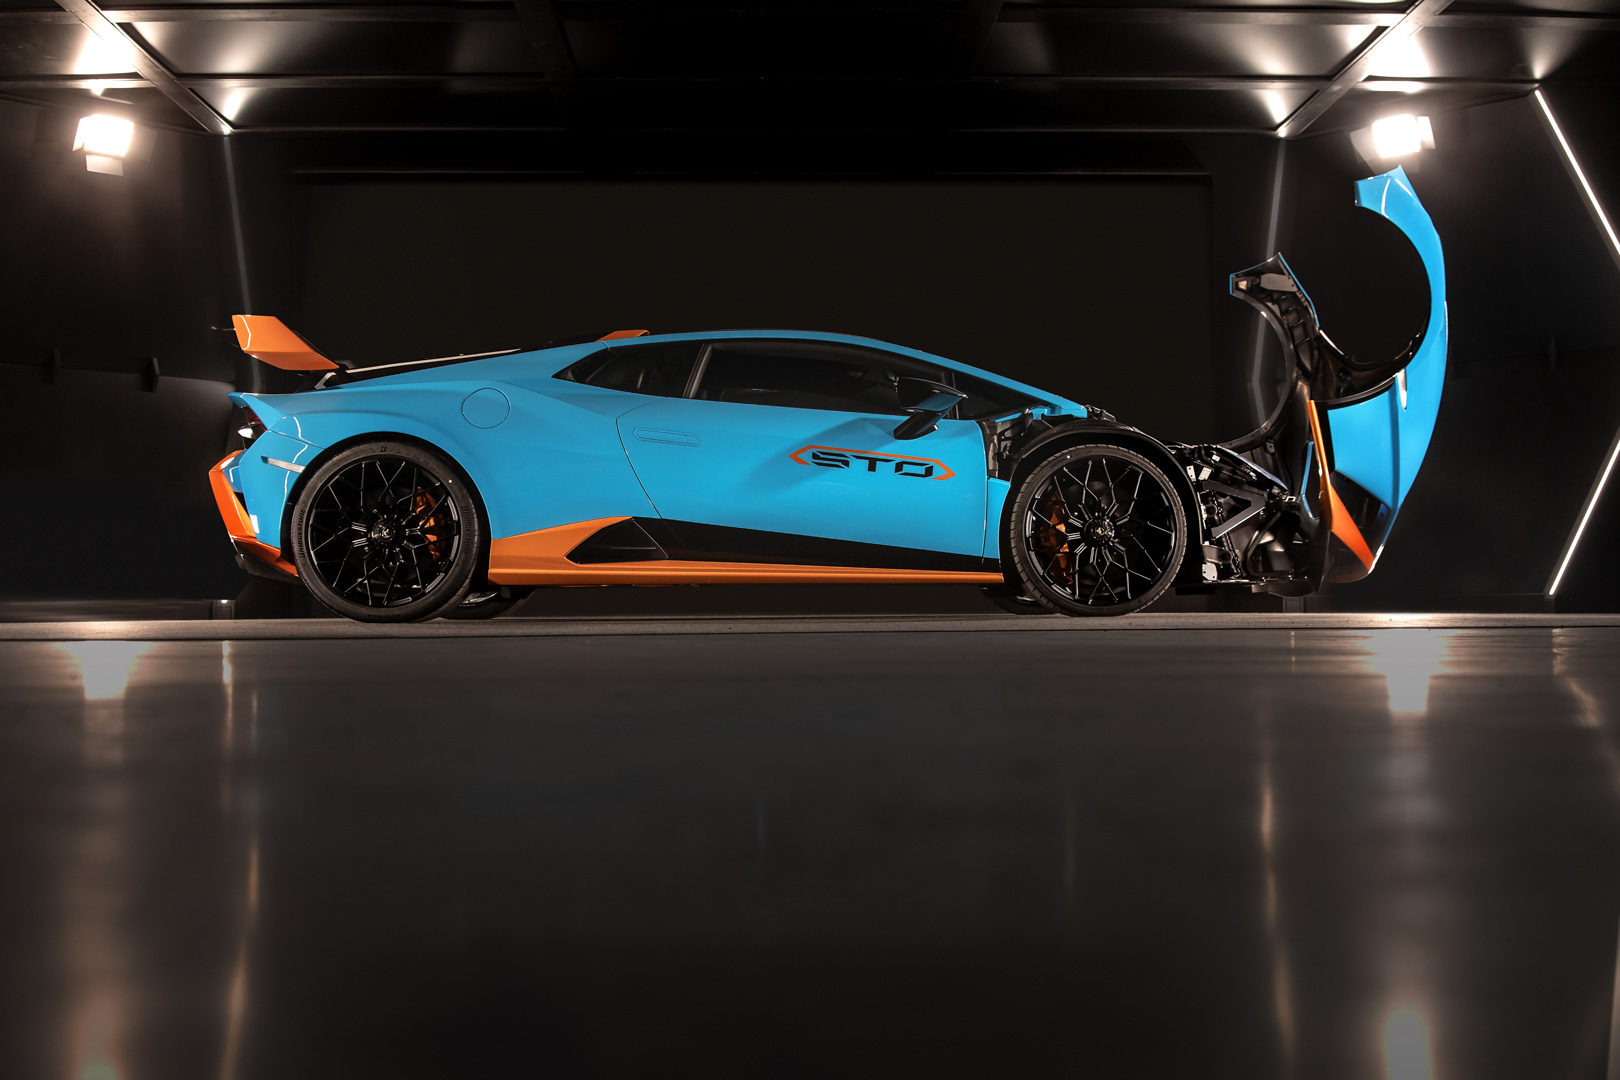 Lamborghini-Huracan-STO-Focu5on-5.jpg